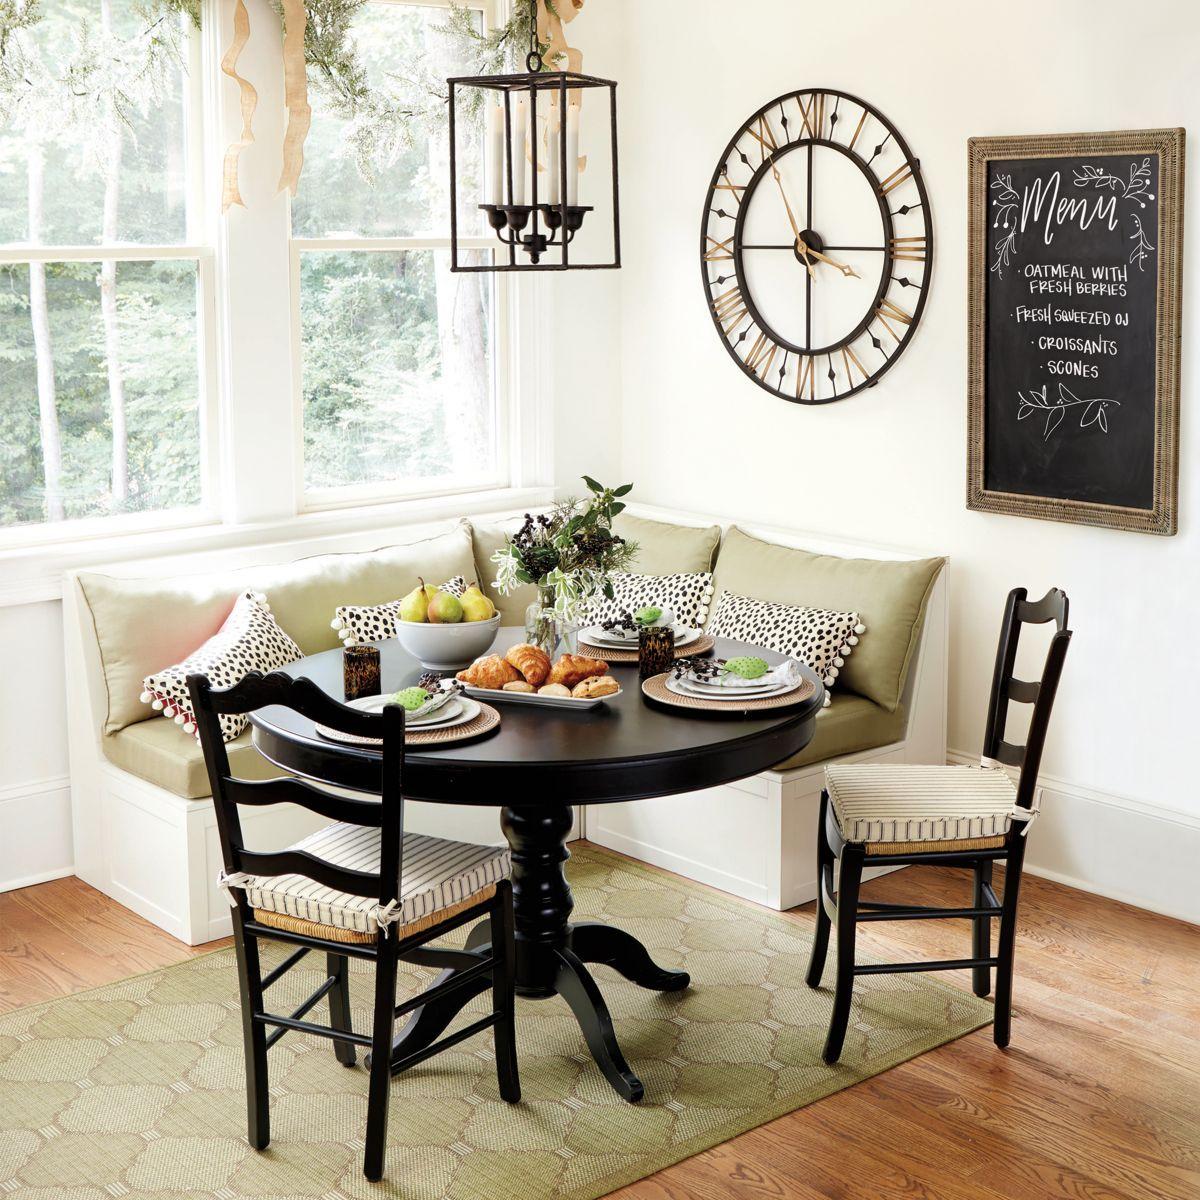 Breton 3 Piece Banquette | Home design ideas | Pinterest ...